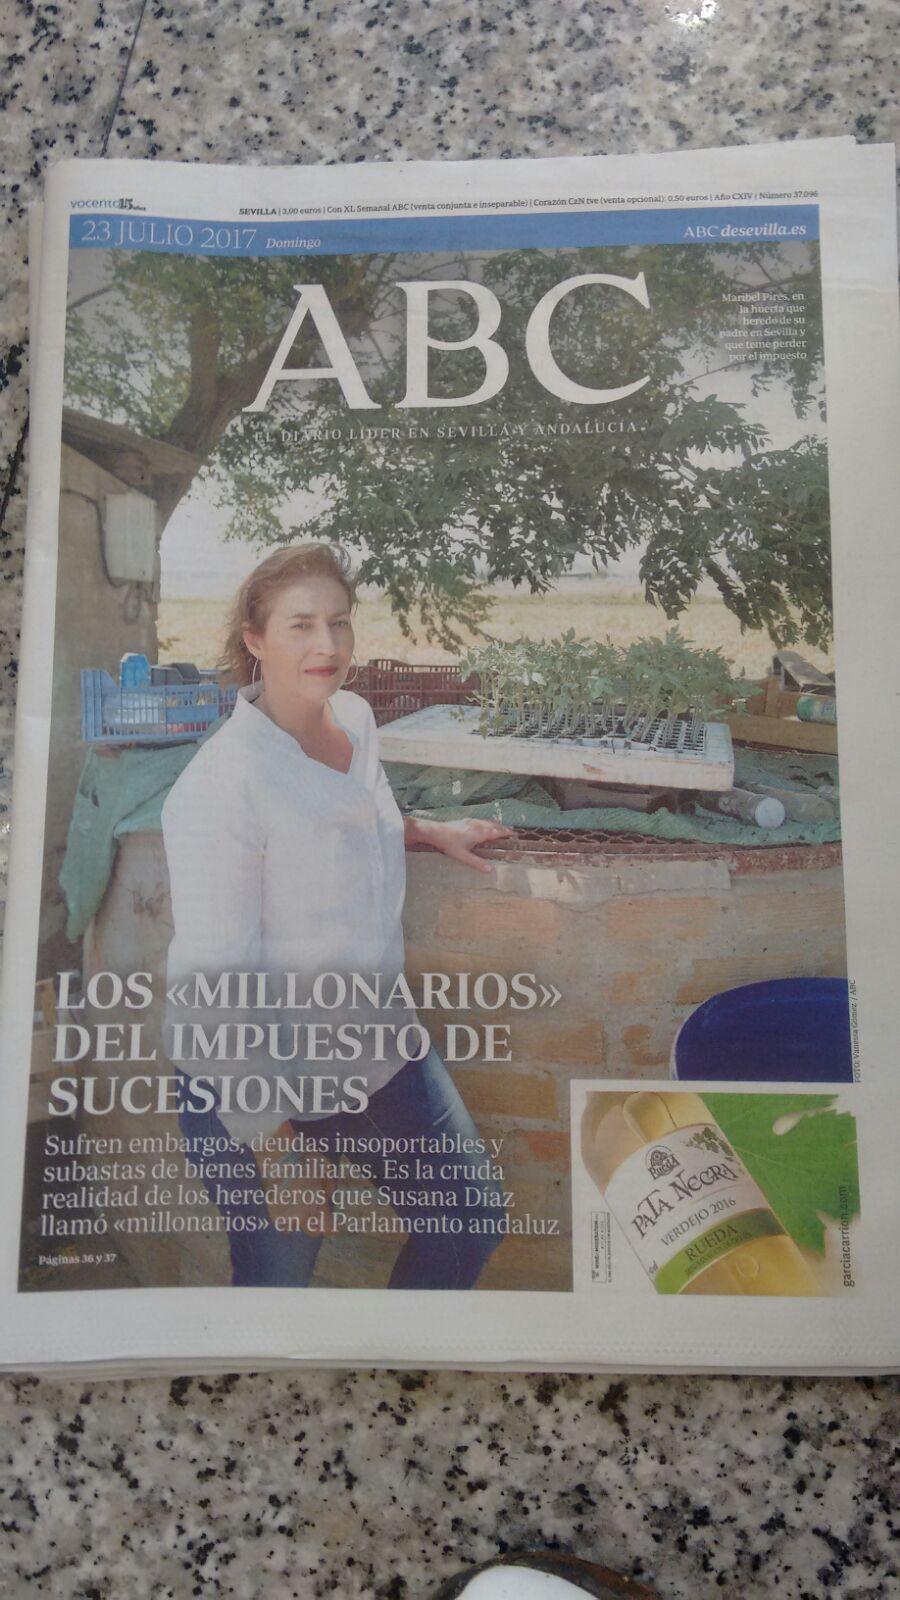 Portada ABCdeSevilla más información en:http://sevilla.abc.es/andalucia/sevi-cruda-realidad-millonarios-impuesto-sucesiones-andalucia-201707230826_noticia.html